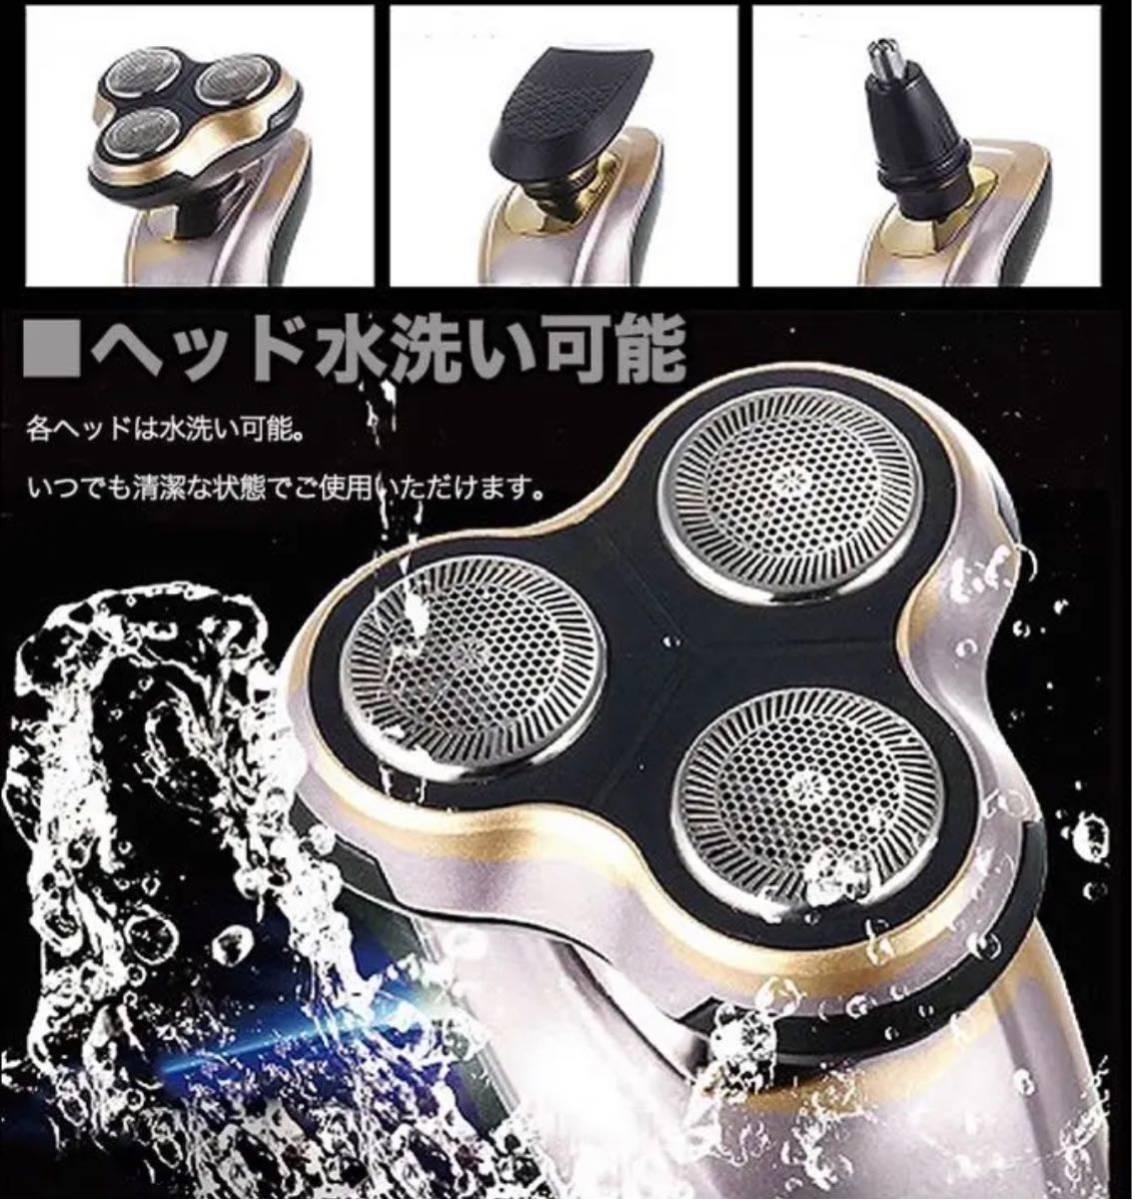 電気シェーバー メンズシェーバー ひげそり 電動シェーバー 3in1